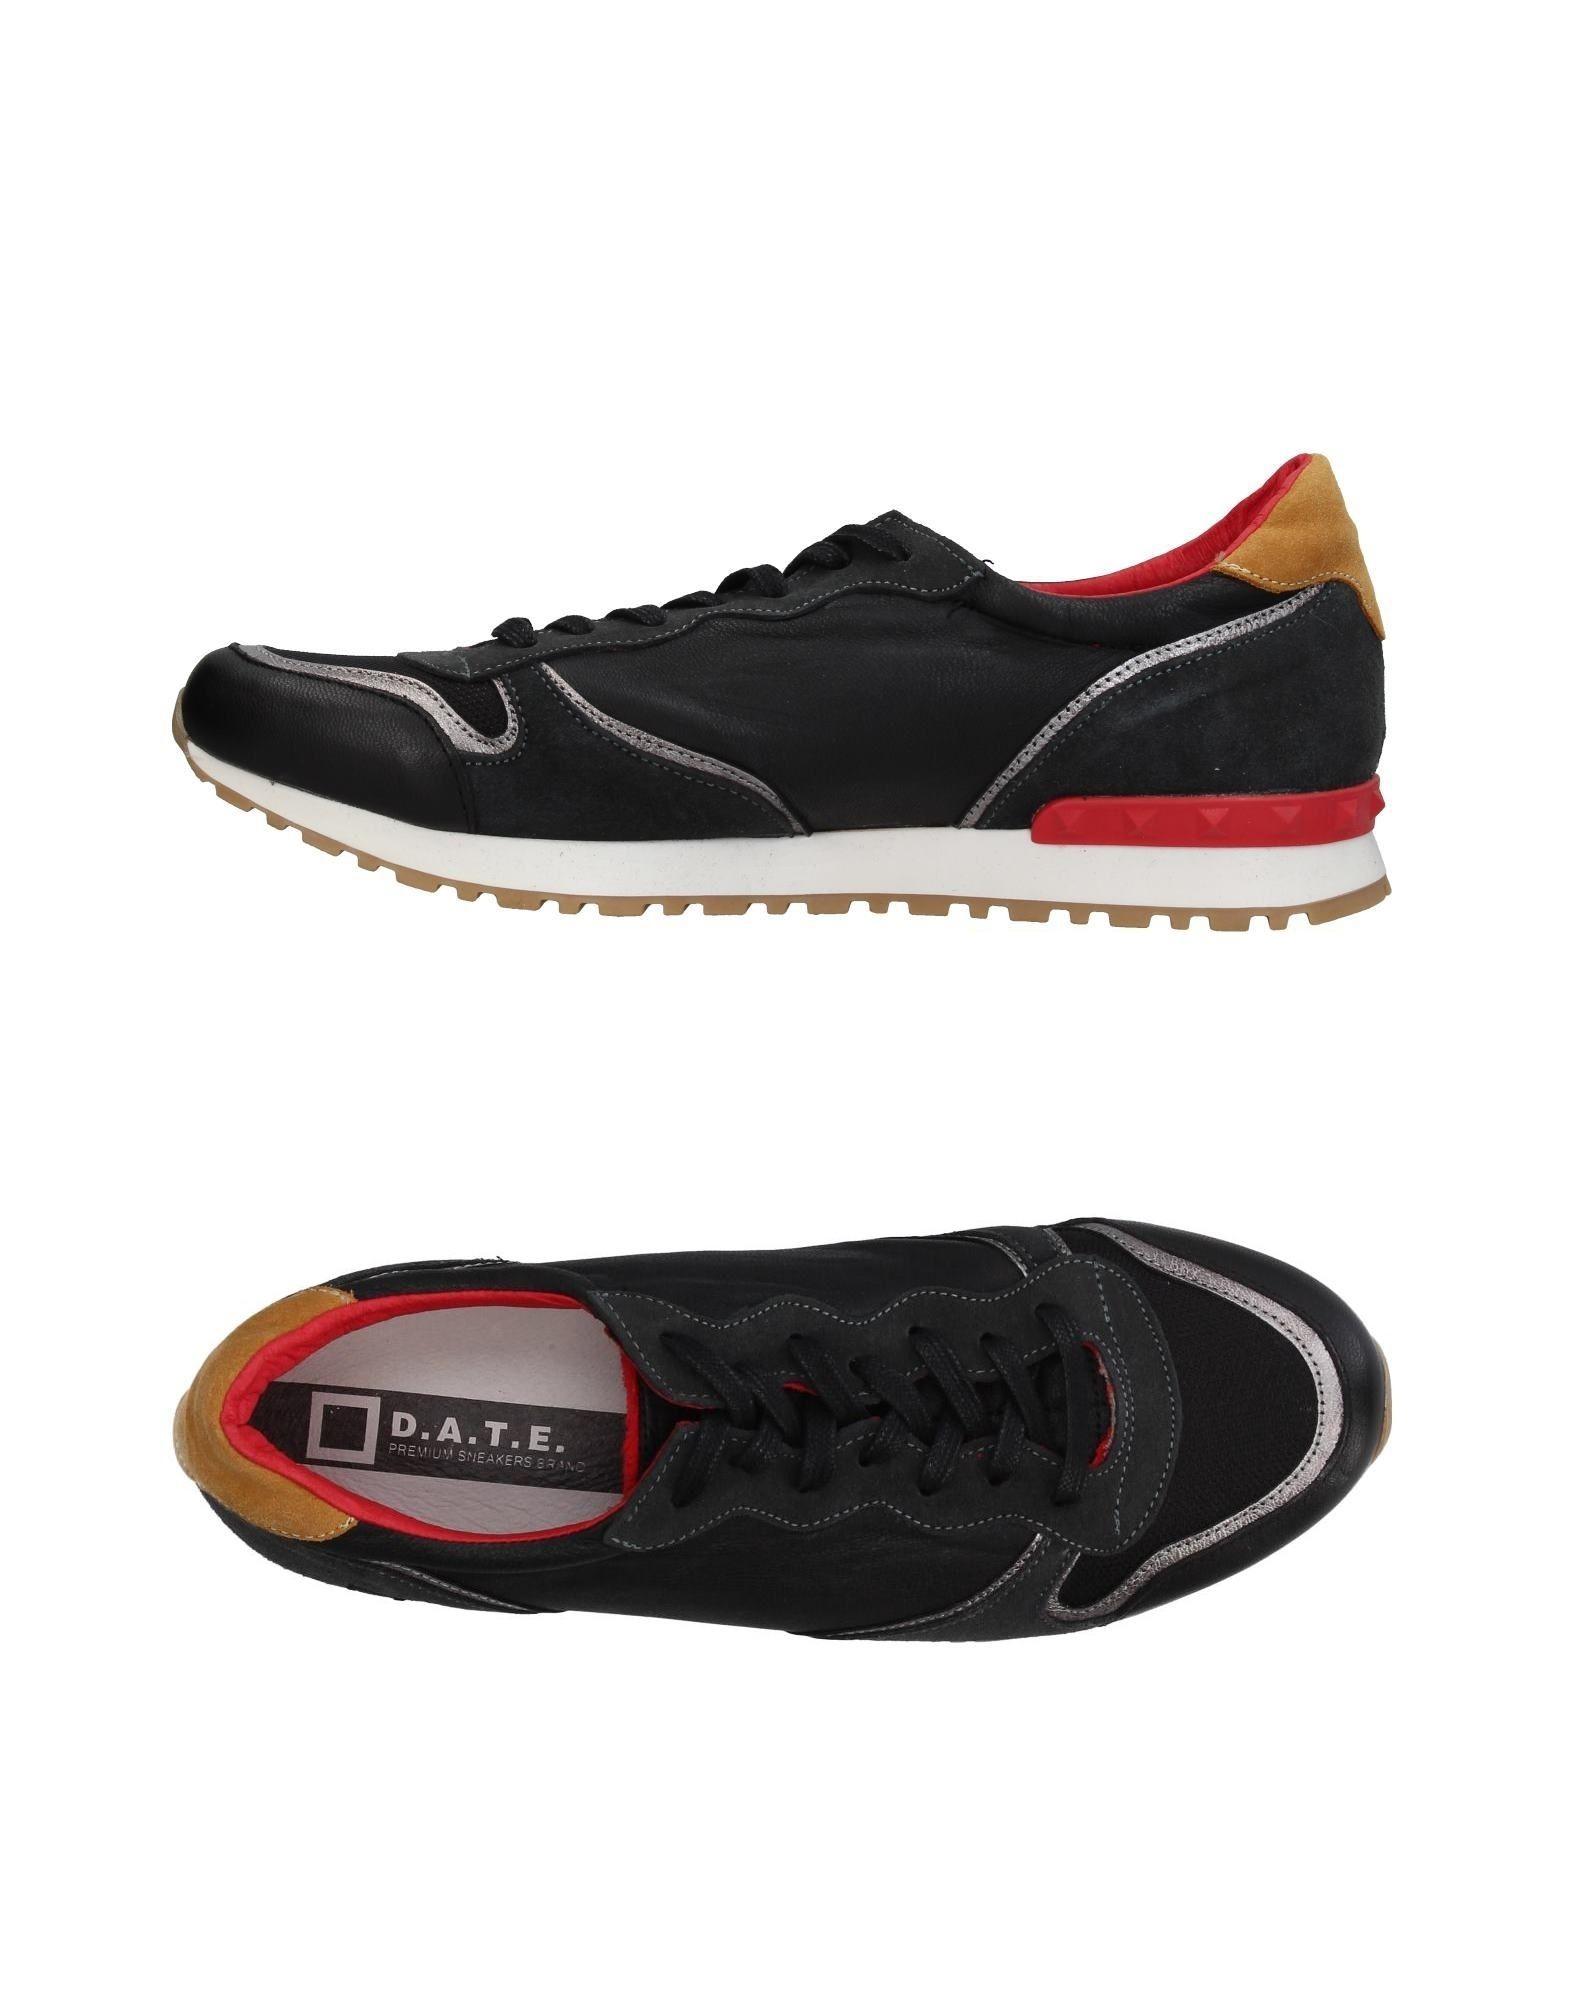 D.A.T.E. Sneakers Herren  11366448MI Schuhe Heiße Schuhe 11366448MI 417d85